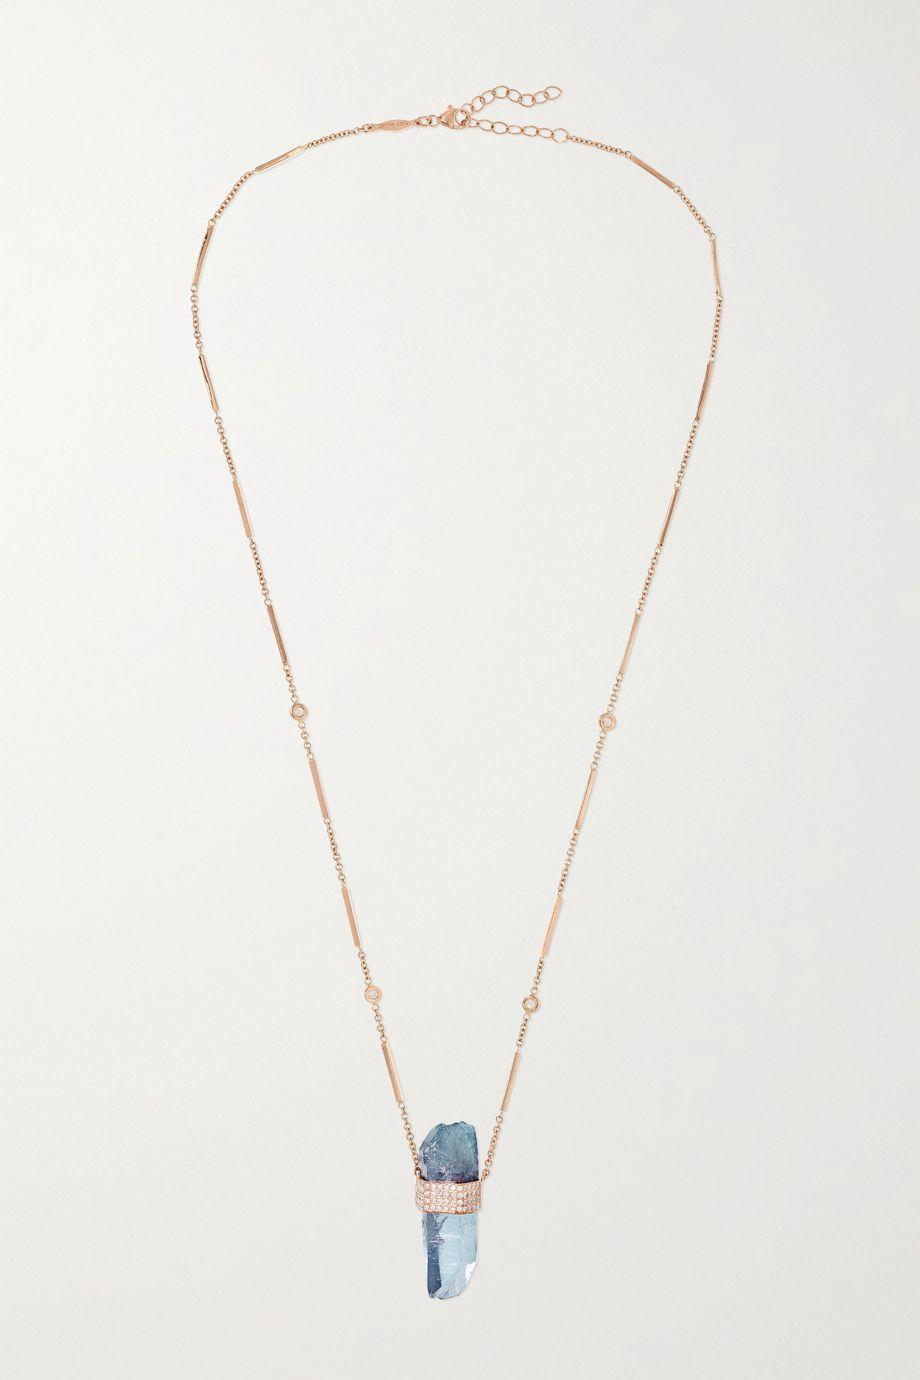 Jacquie Aiche 14-karat rose gold quartz and diamond necklace